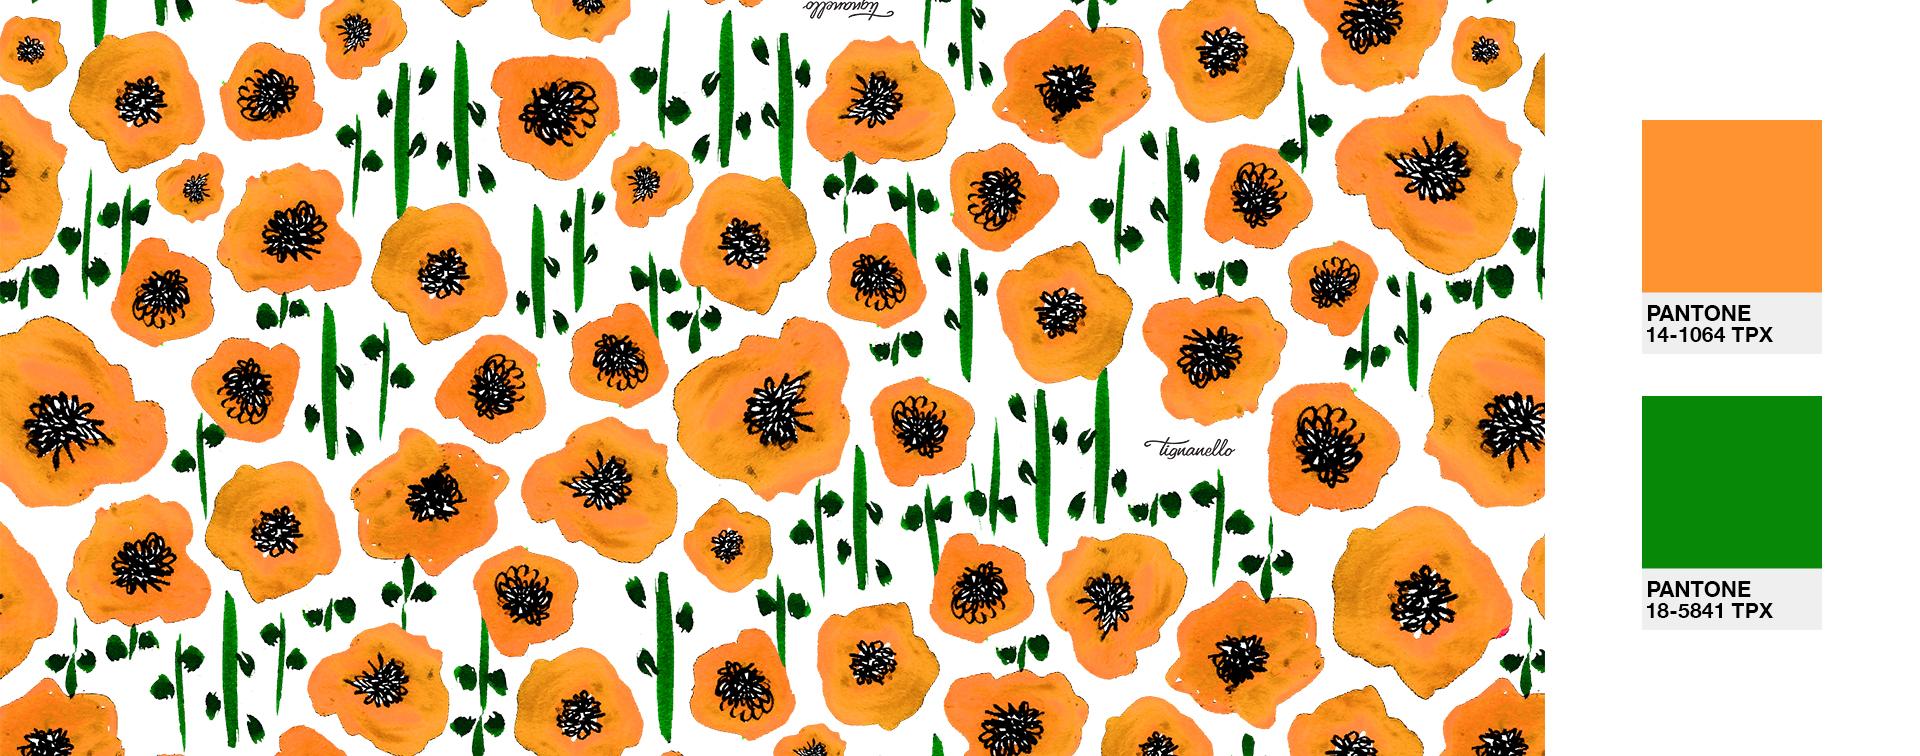 pantone-poppies-dandelion